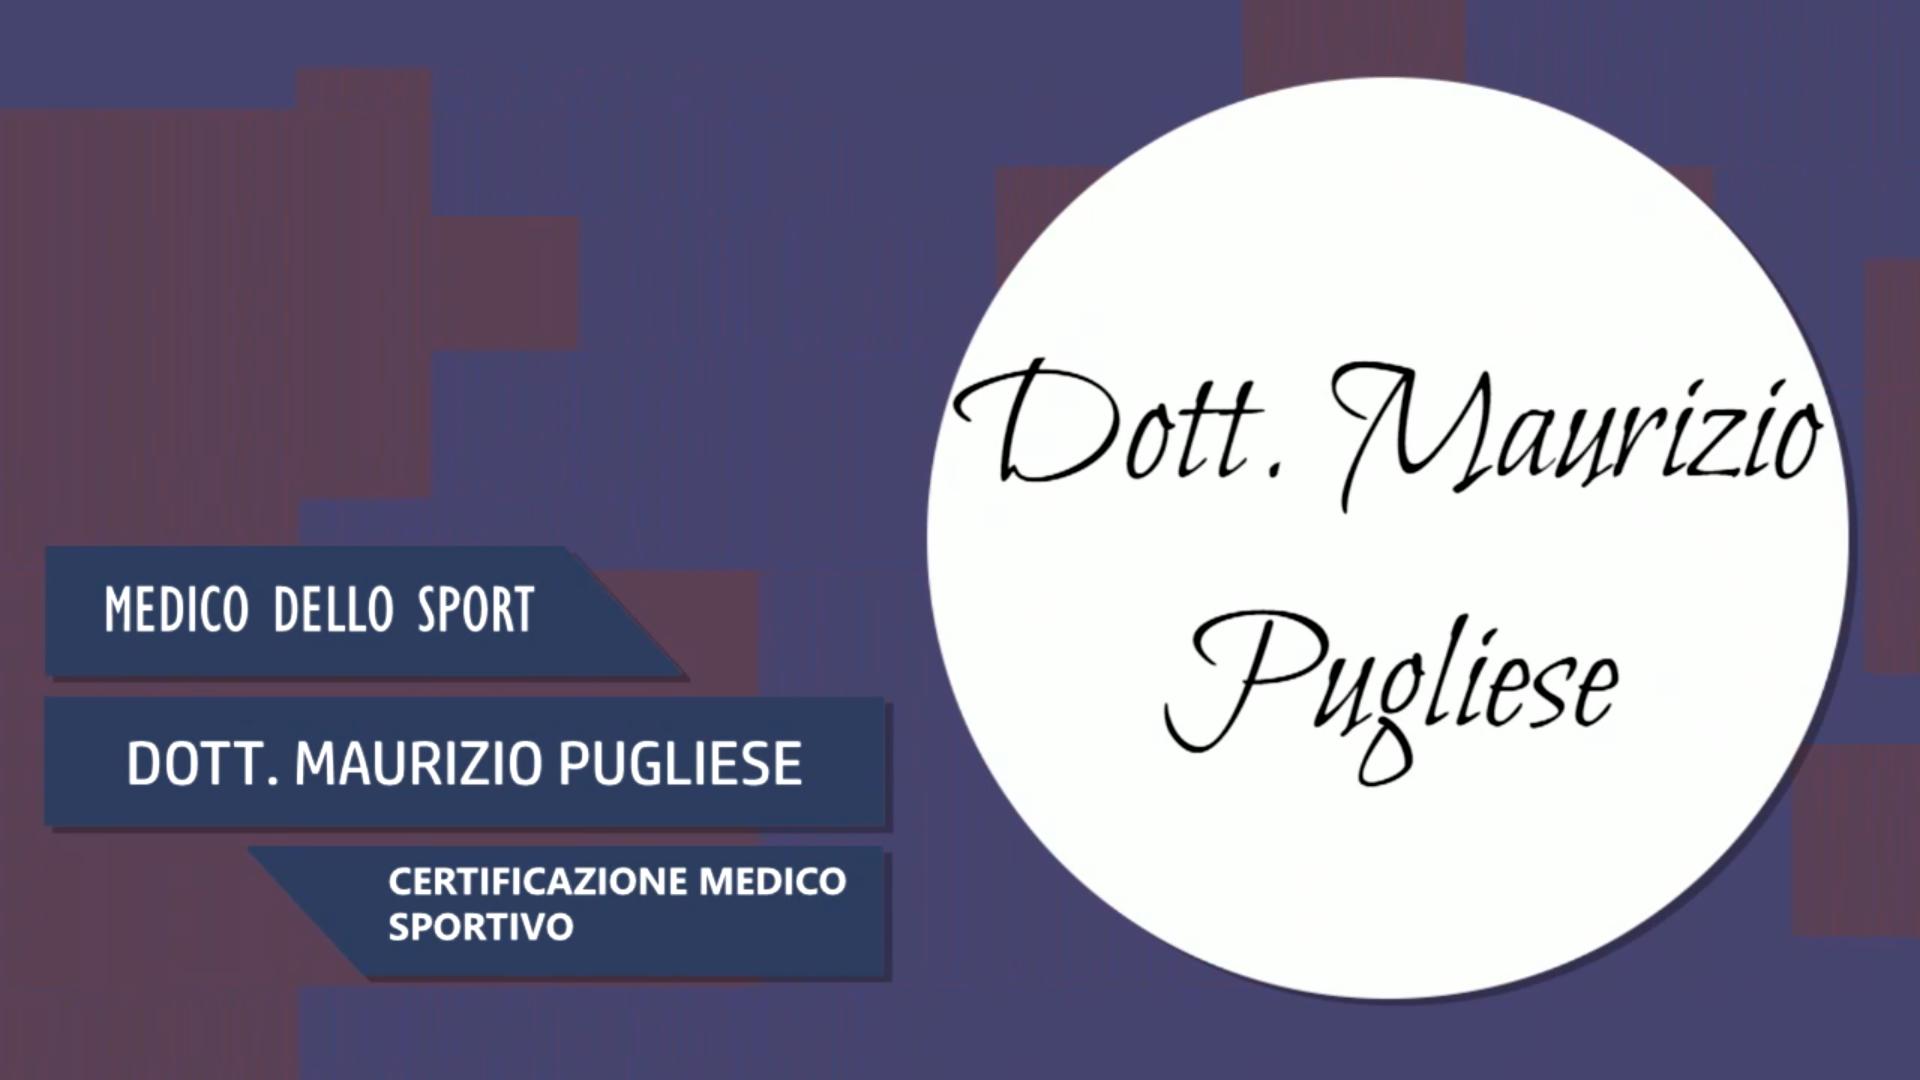 Intervista al Dott. Maurizio Pugliese – Certificazione medico sportivo